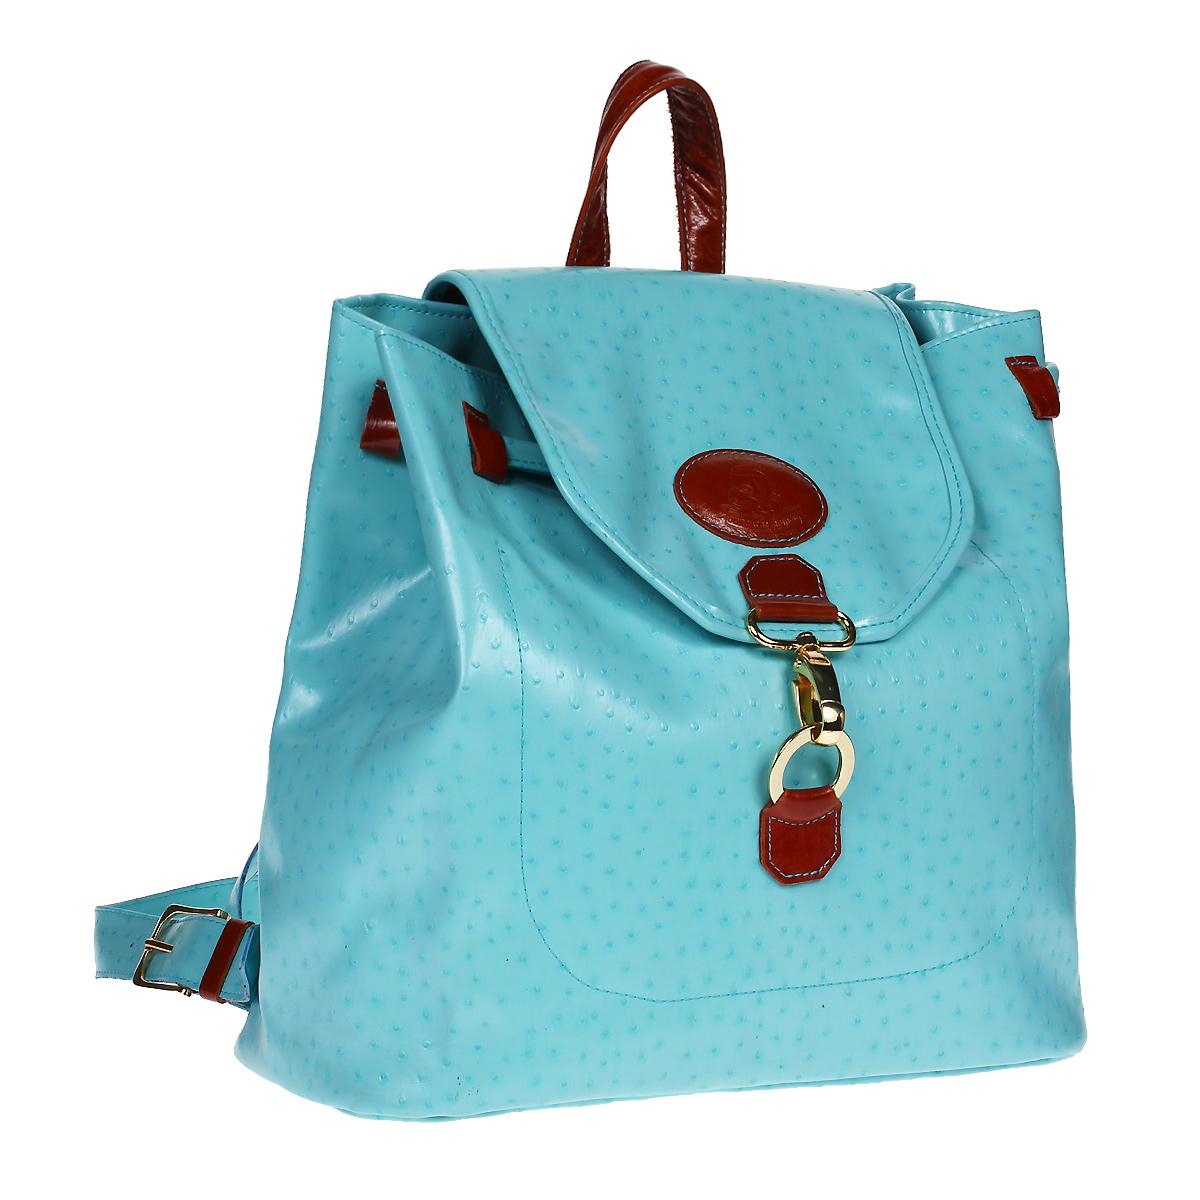 Рюкзак Dimanche, цвет: голубой. 466/1466/1Стильный молодежный рюкзак Dimanche выполнен из искусственной кожи голубого цвета с декоративным тиснением под страуса. Рюкзак имеет одно основное отделение, которое затягивается шнурком и дополнительно клапаном на замок-карабин. Внутри - открытый карман для мелочей или телефона. На задней стороне рюкзака расположен дополнительный вертикальный карман на застежке-молнии. Рюкзак оснащен двумя лямки регулируемой длины и удобной ручкой для переноски. Фурнитура - золотистого цвета. Стильный рюкзак Dimanche станет финальным штрихом в создании вашего неповторимого образа. Характеристики: Материал: искусственная кожа, текстиль, металл. Цвет: голубой. Размер рюкзака: 31 см х 30 см х 16 см. Высота ручки: 7 см. Длина лямок (регулируется): 73 см.